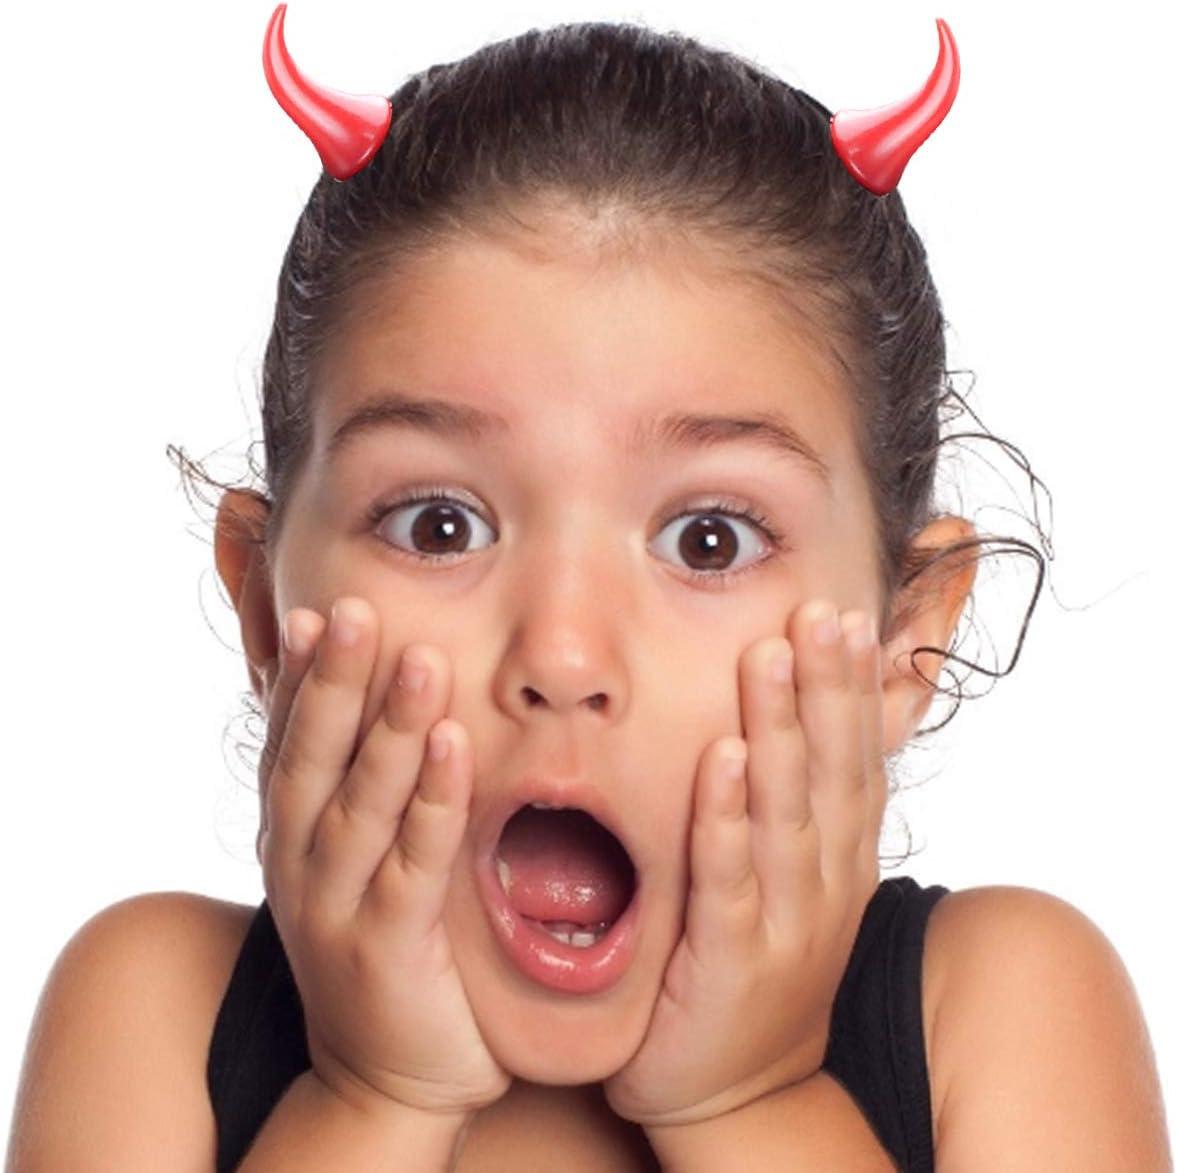 Horquilla de cuerno de diablo de halloween Rojo Horquilla Diablo Cuernos Pinzas para El Pelo de Cuerno de Diablo de pl/ástico para ni/ños actuaci/ón en el escenario para mascarada juego de rol fiesta